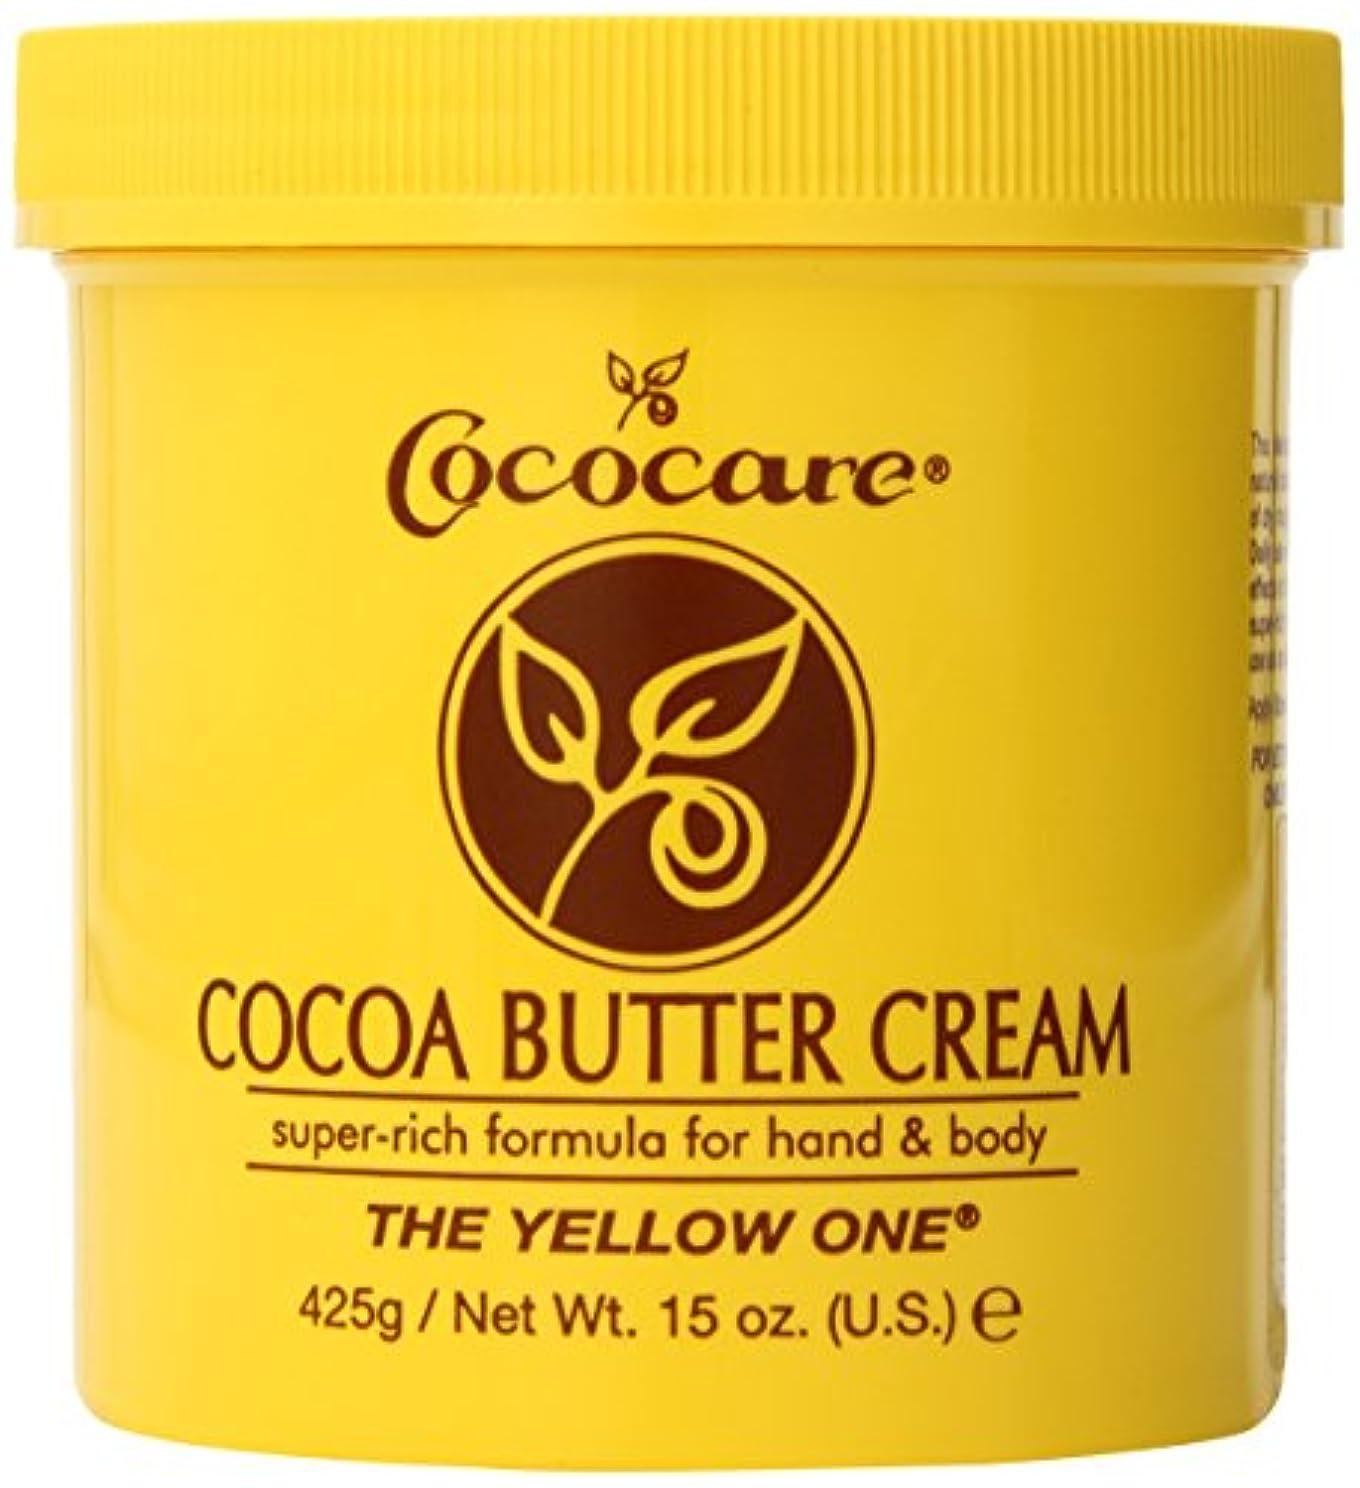 計画体操選手方法論Cococare, The Yellow One, Cocoa Butter Cream, 15 oz (425 g)